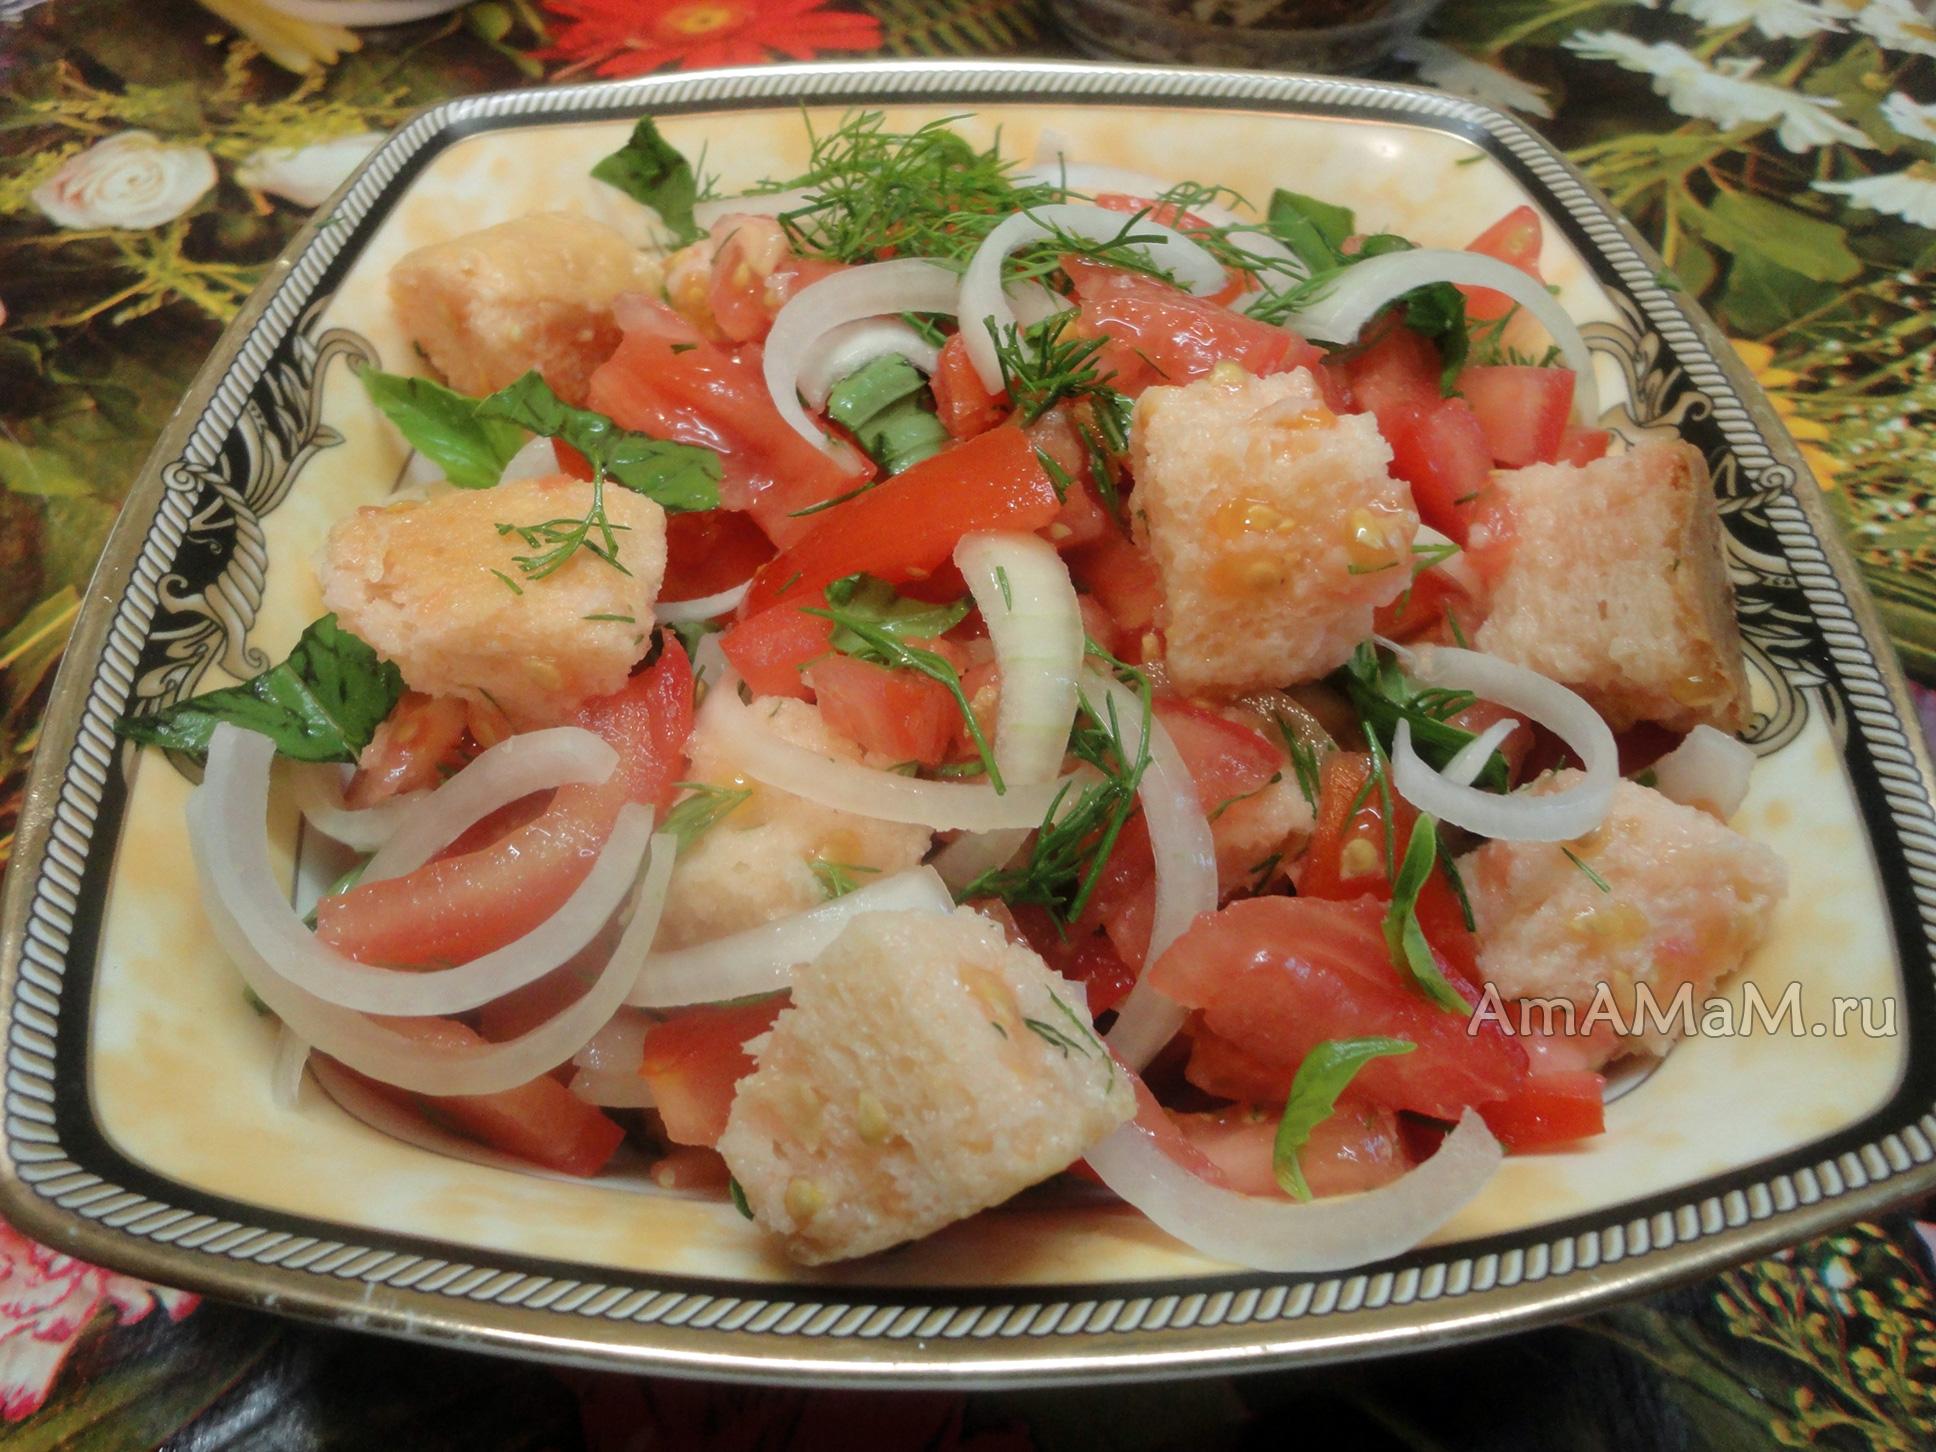 Салат из помидоров с орехами, самый, самый простой 2